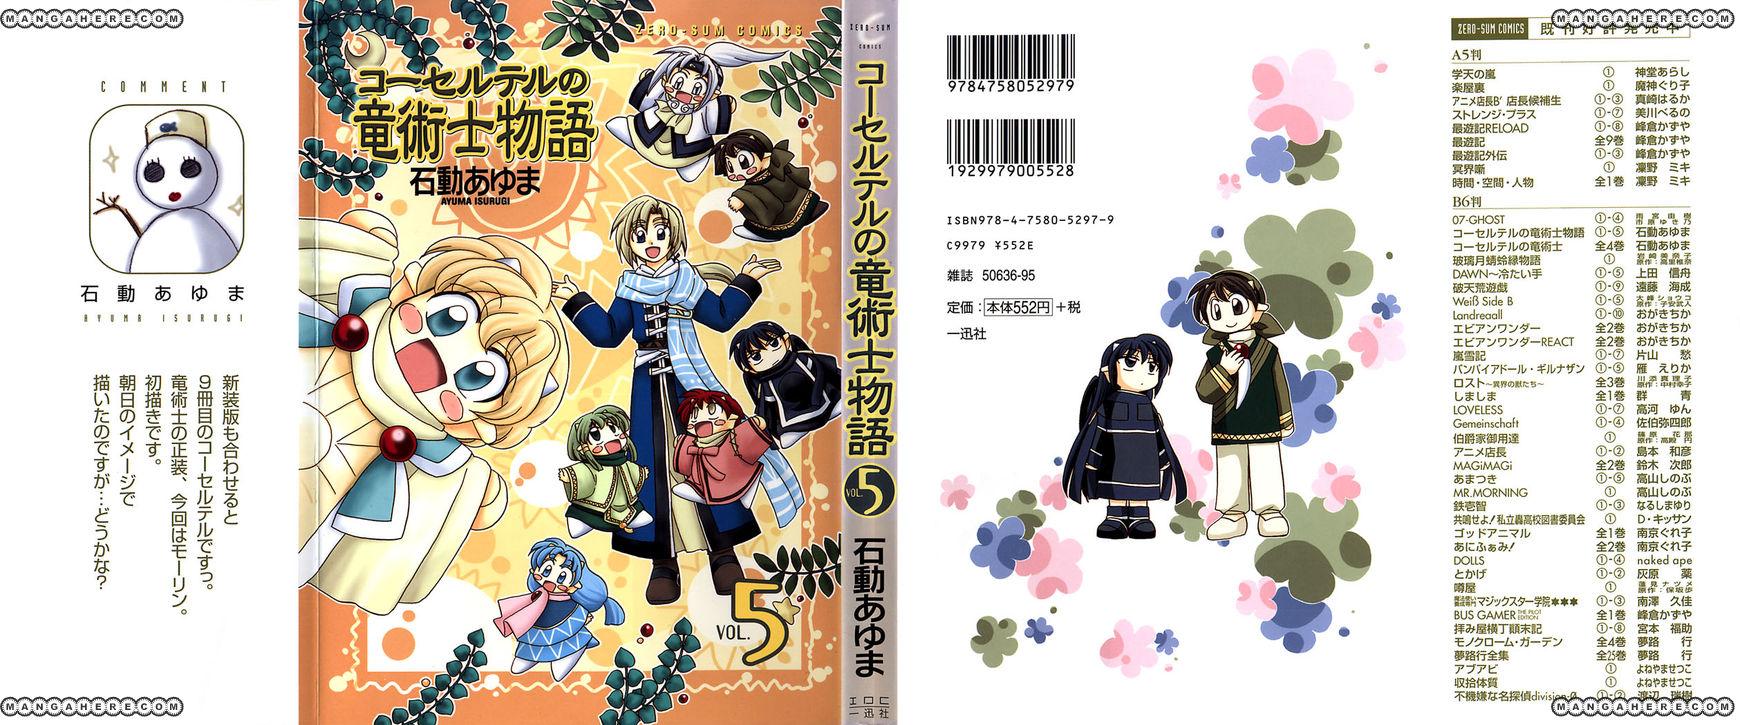 Corseltel No Ryuujitsushi Monogatari 30 Page 1